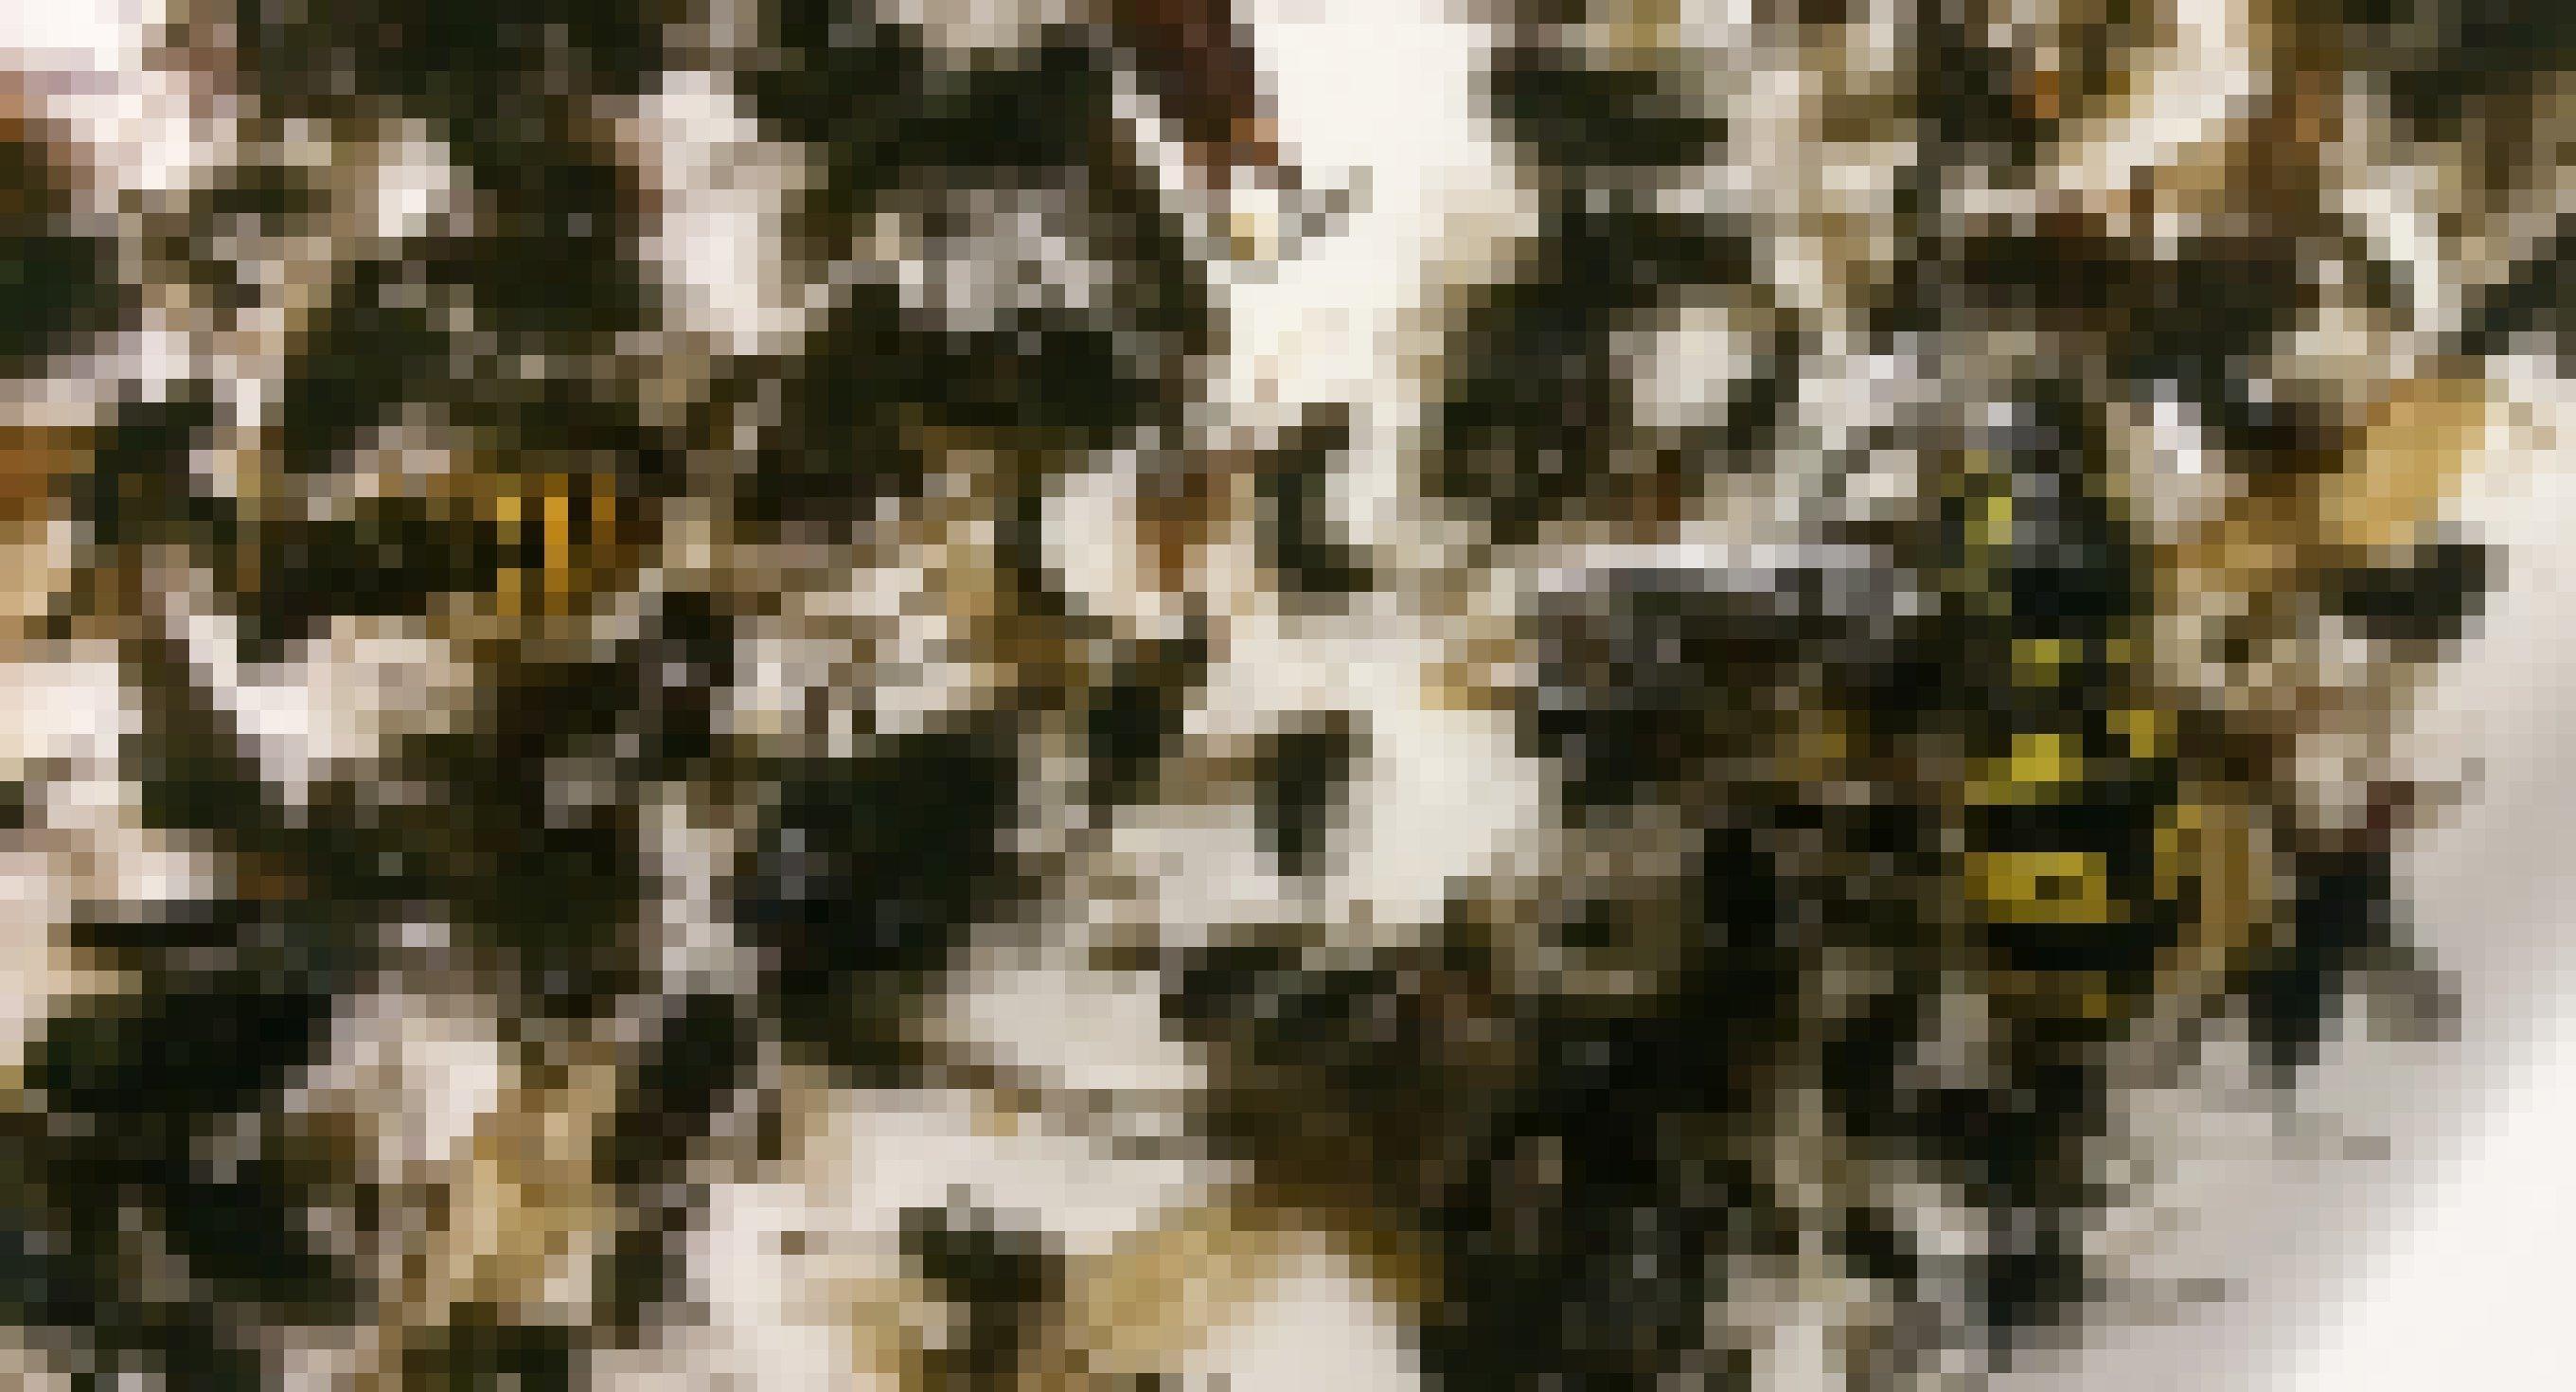 Hunderte Insekten liegen in einer flachen weißen Schale in Alkohol. Einzelne – wie eine Wespe – sind mit bloßem Auge zu erkennen.